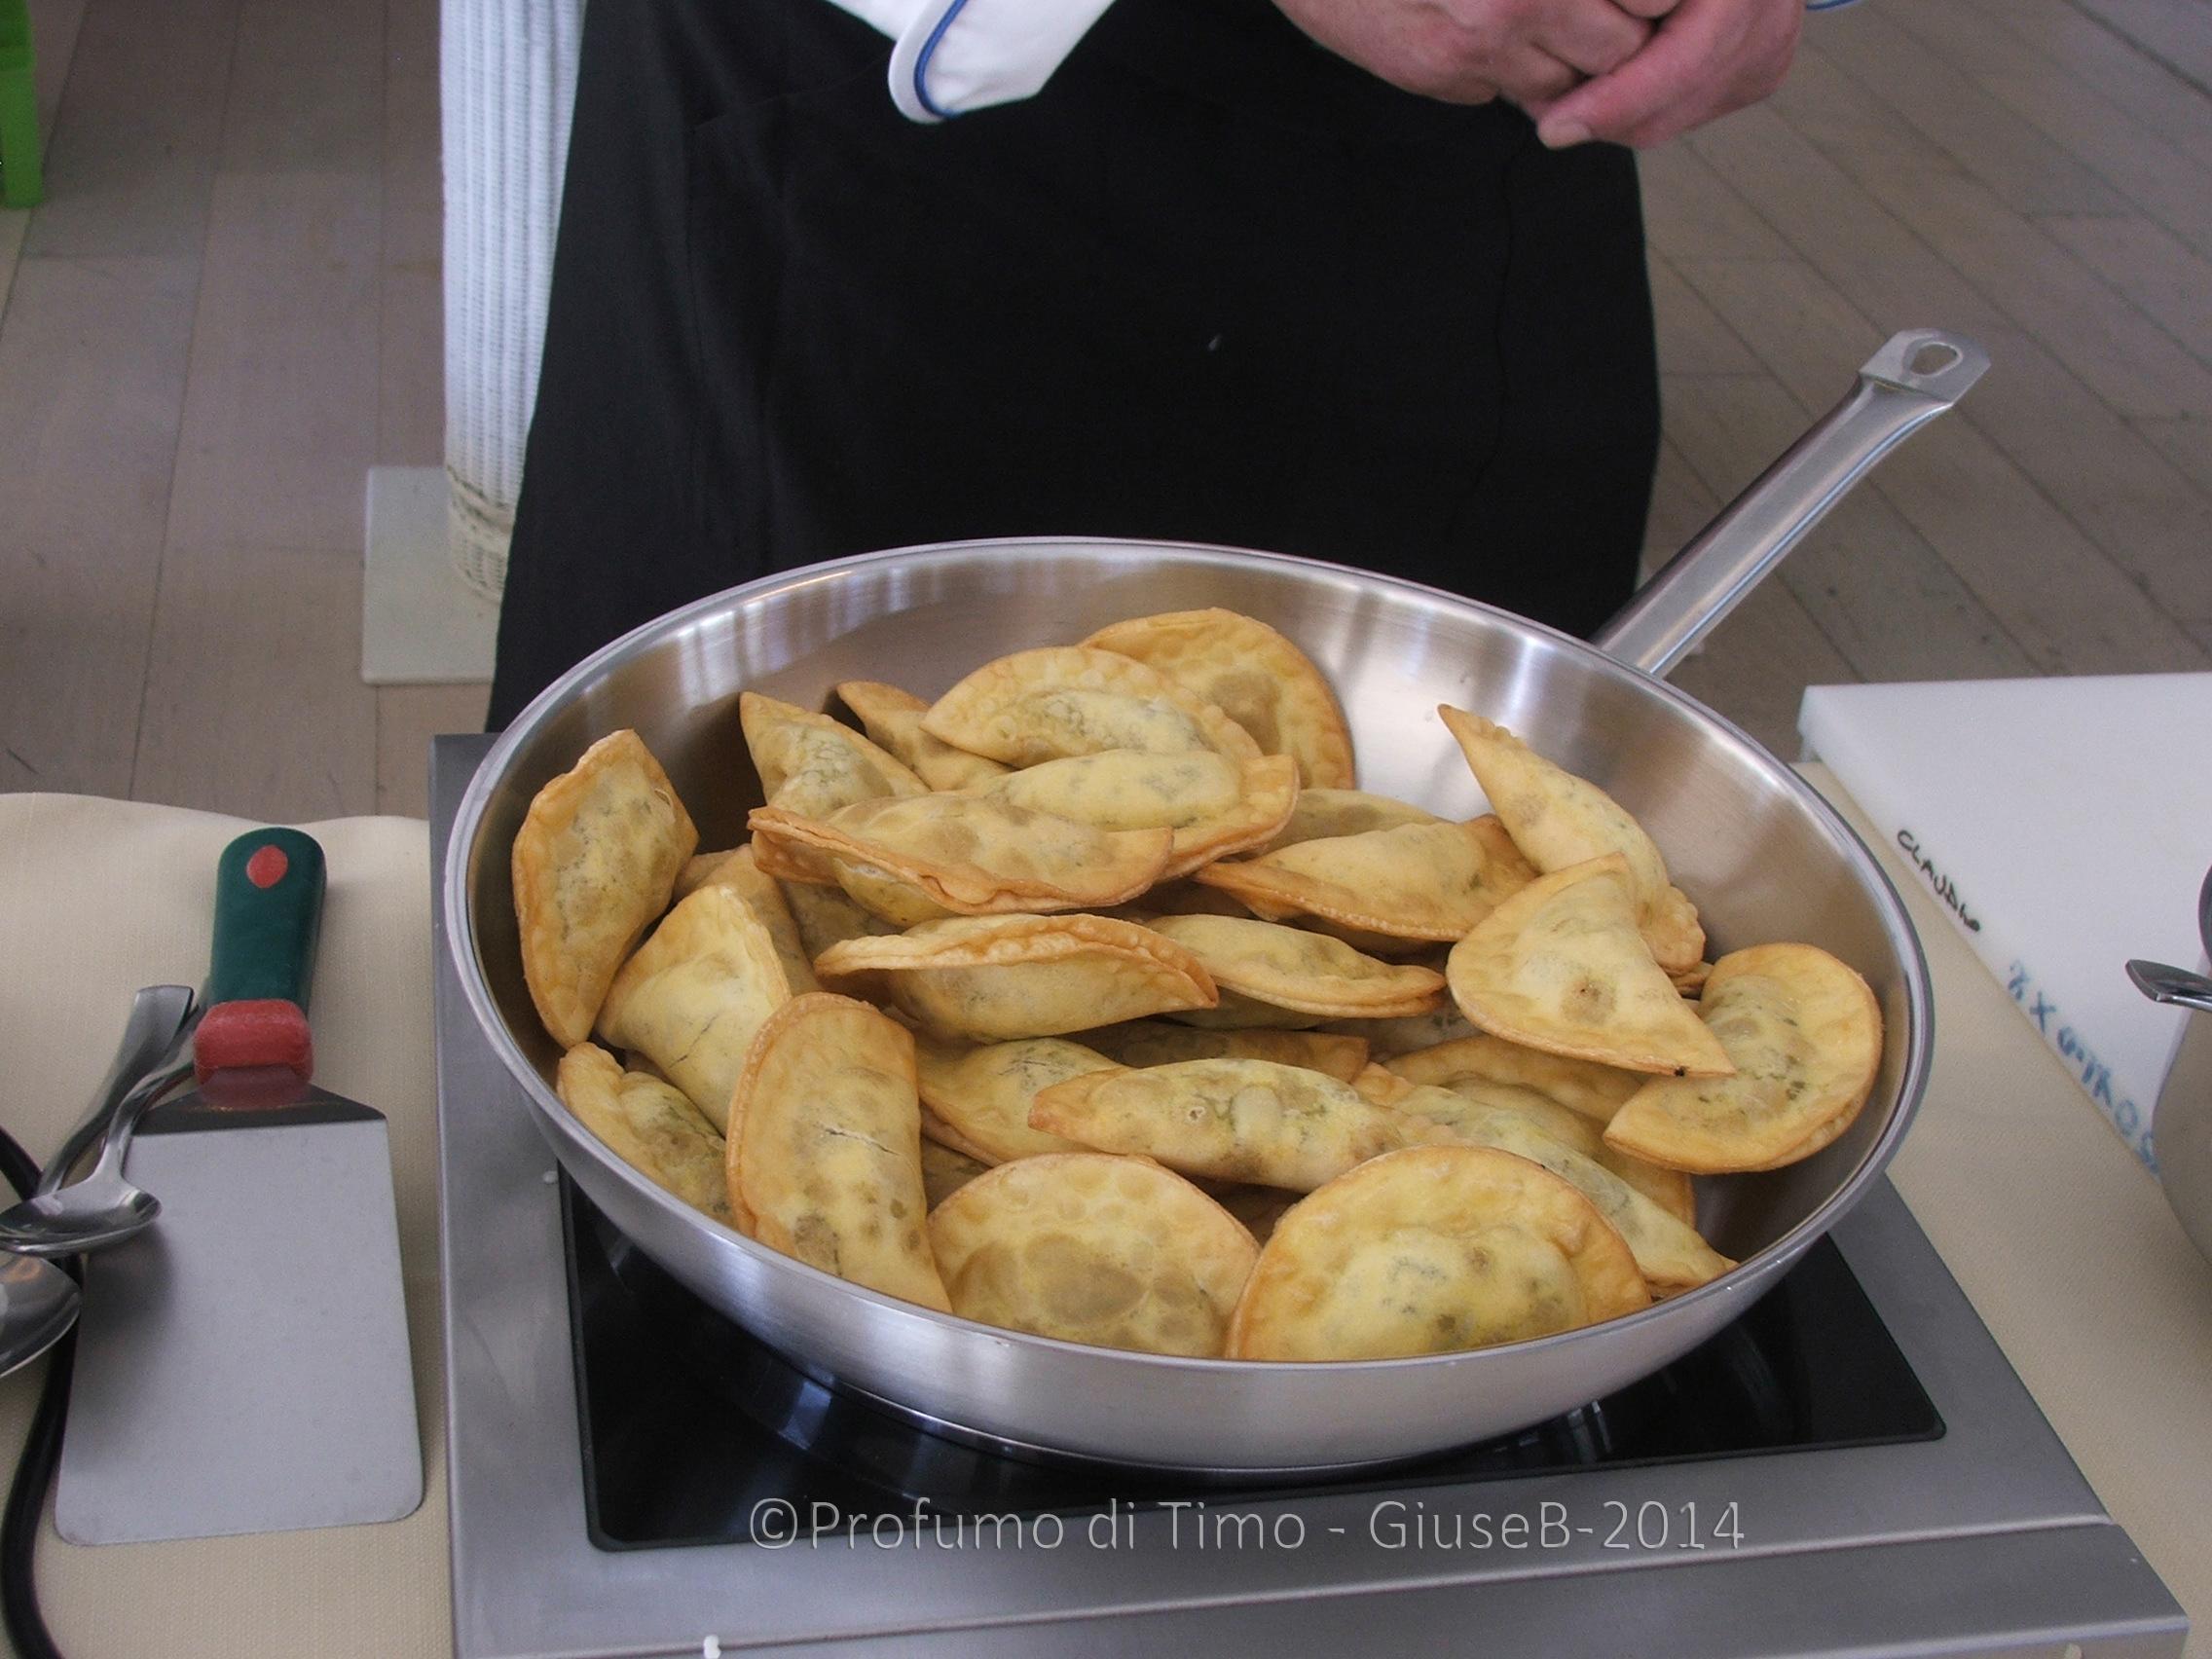 terreditoscana2014 raviolo fritto di mallegato e uvetta (2)